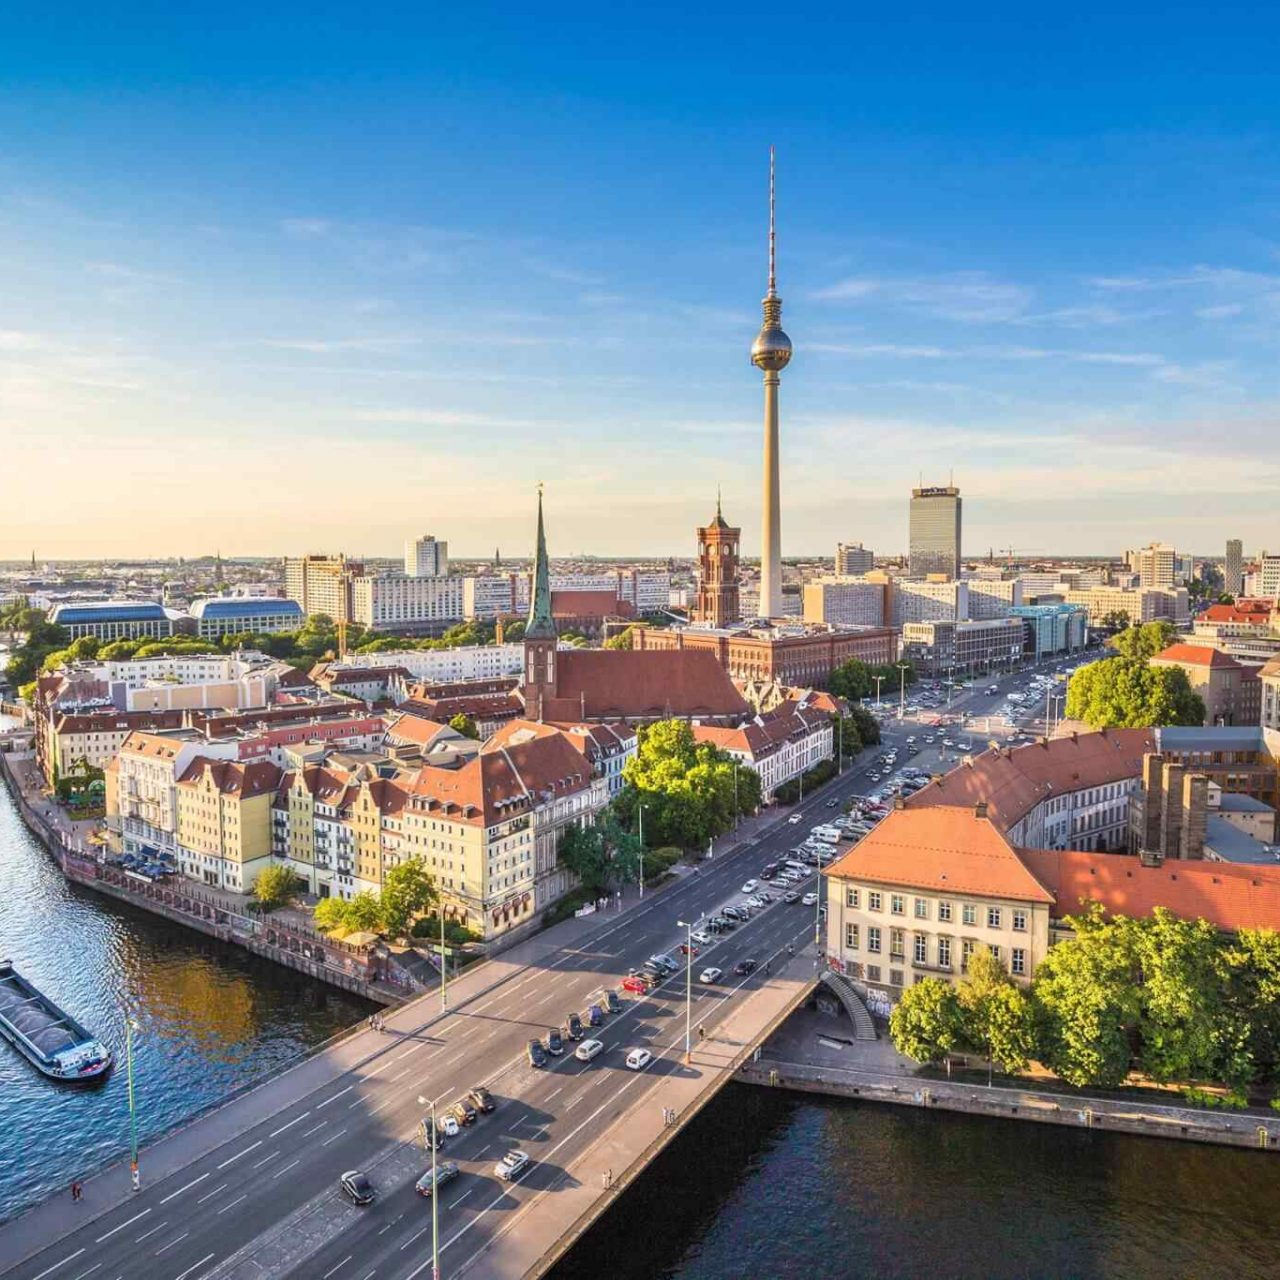 https://bsl.com.mt/wp-content/uploads/2018/09/destination-berlin-05-1280x1280.jpg